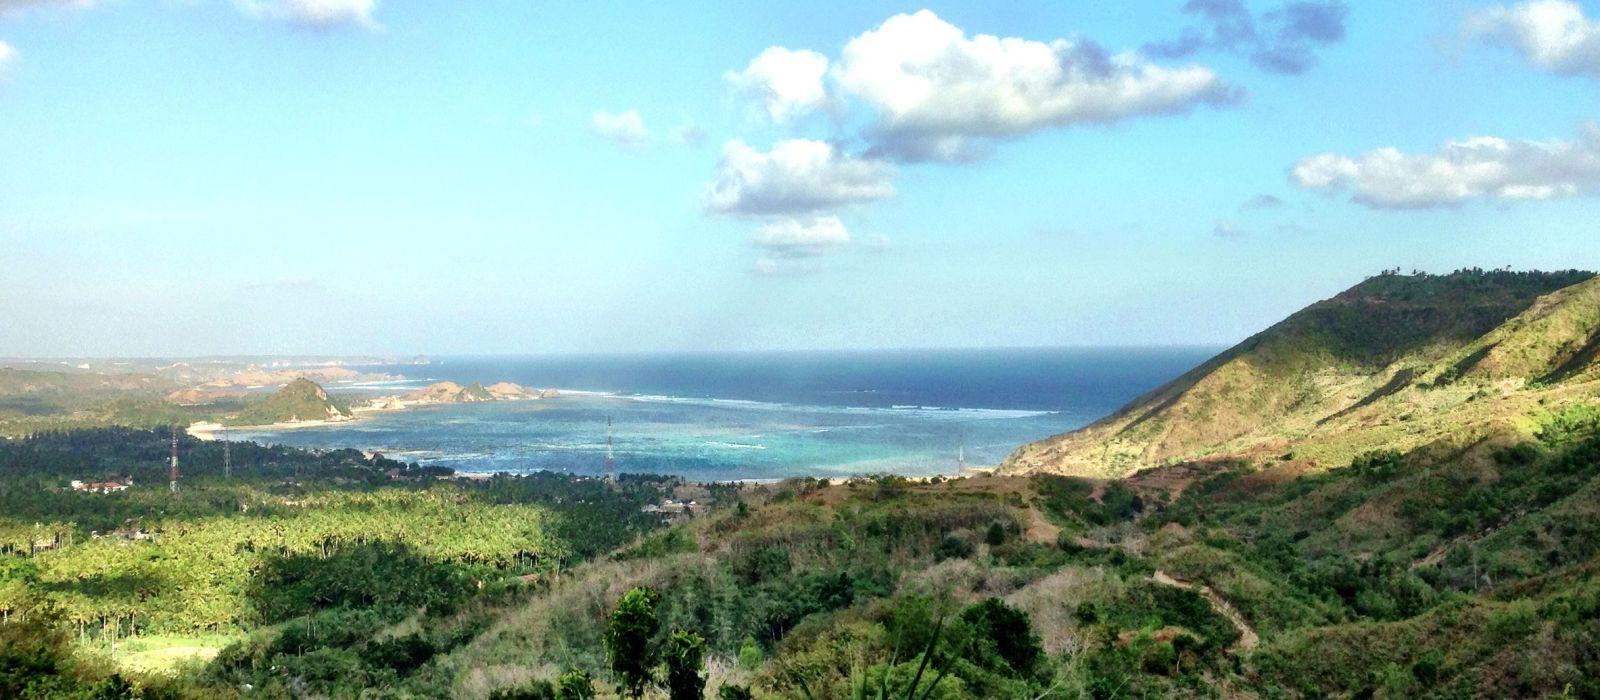 Indonesia: Von Insel zu Insel und Bali Urlaub 4